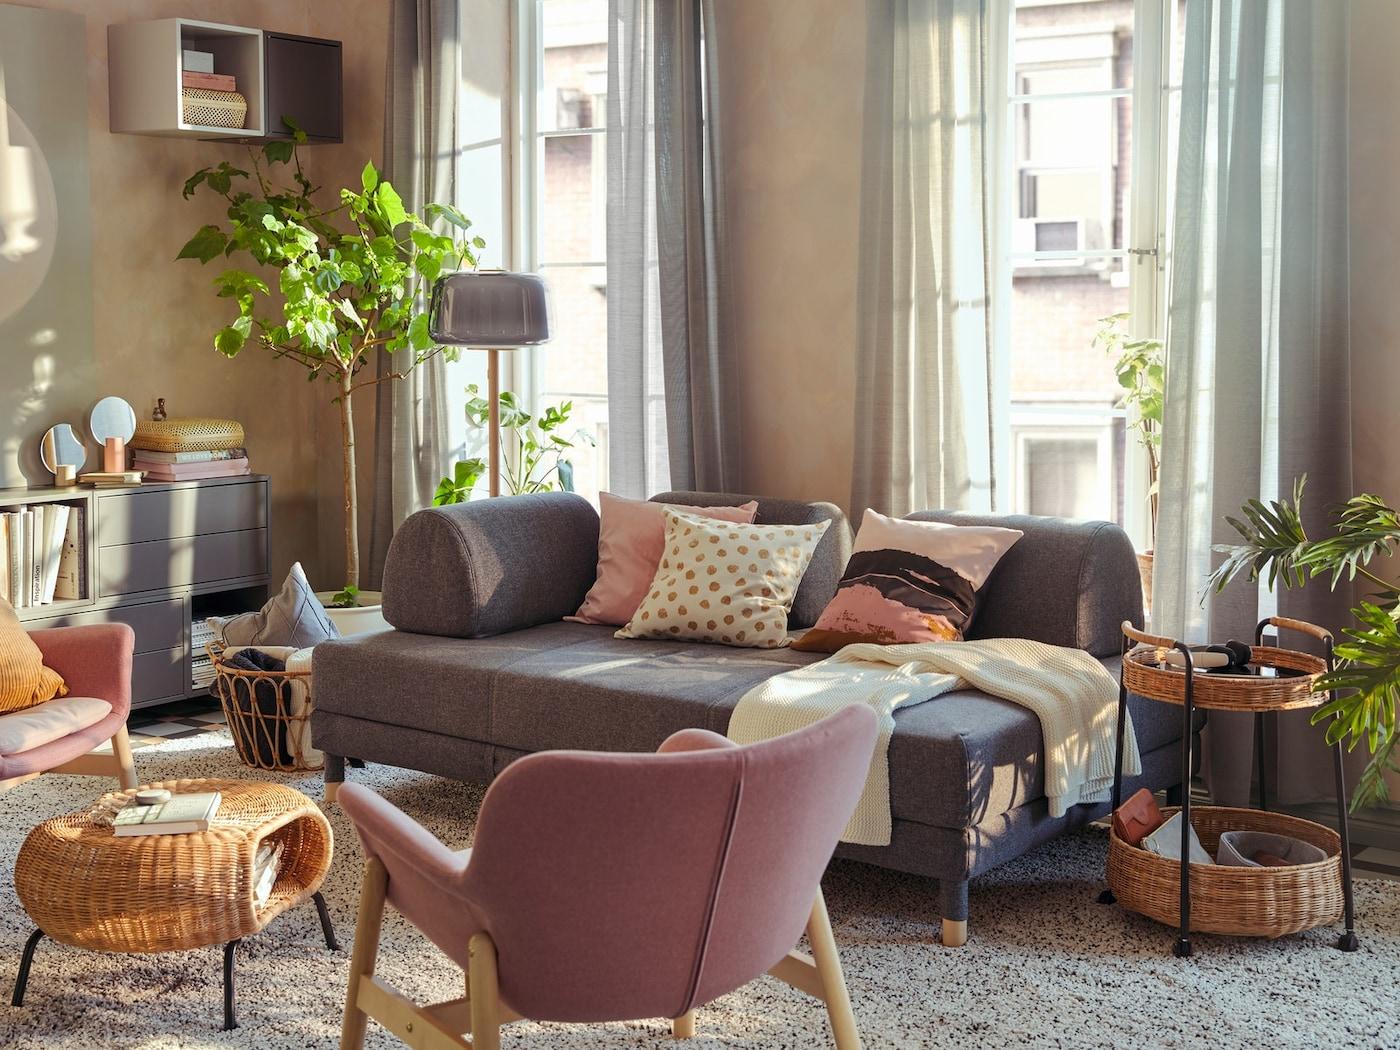 FLOTTEBO Bettsofa in grau in einem Wohnzimmer Setting mit Teppich, Vorhängen und Beistelltischen